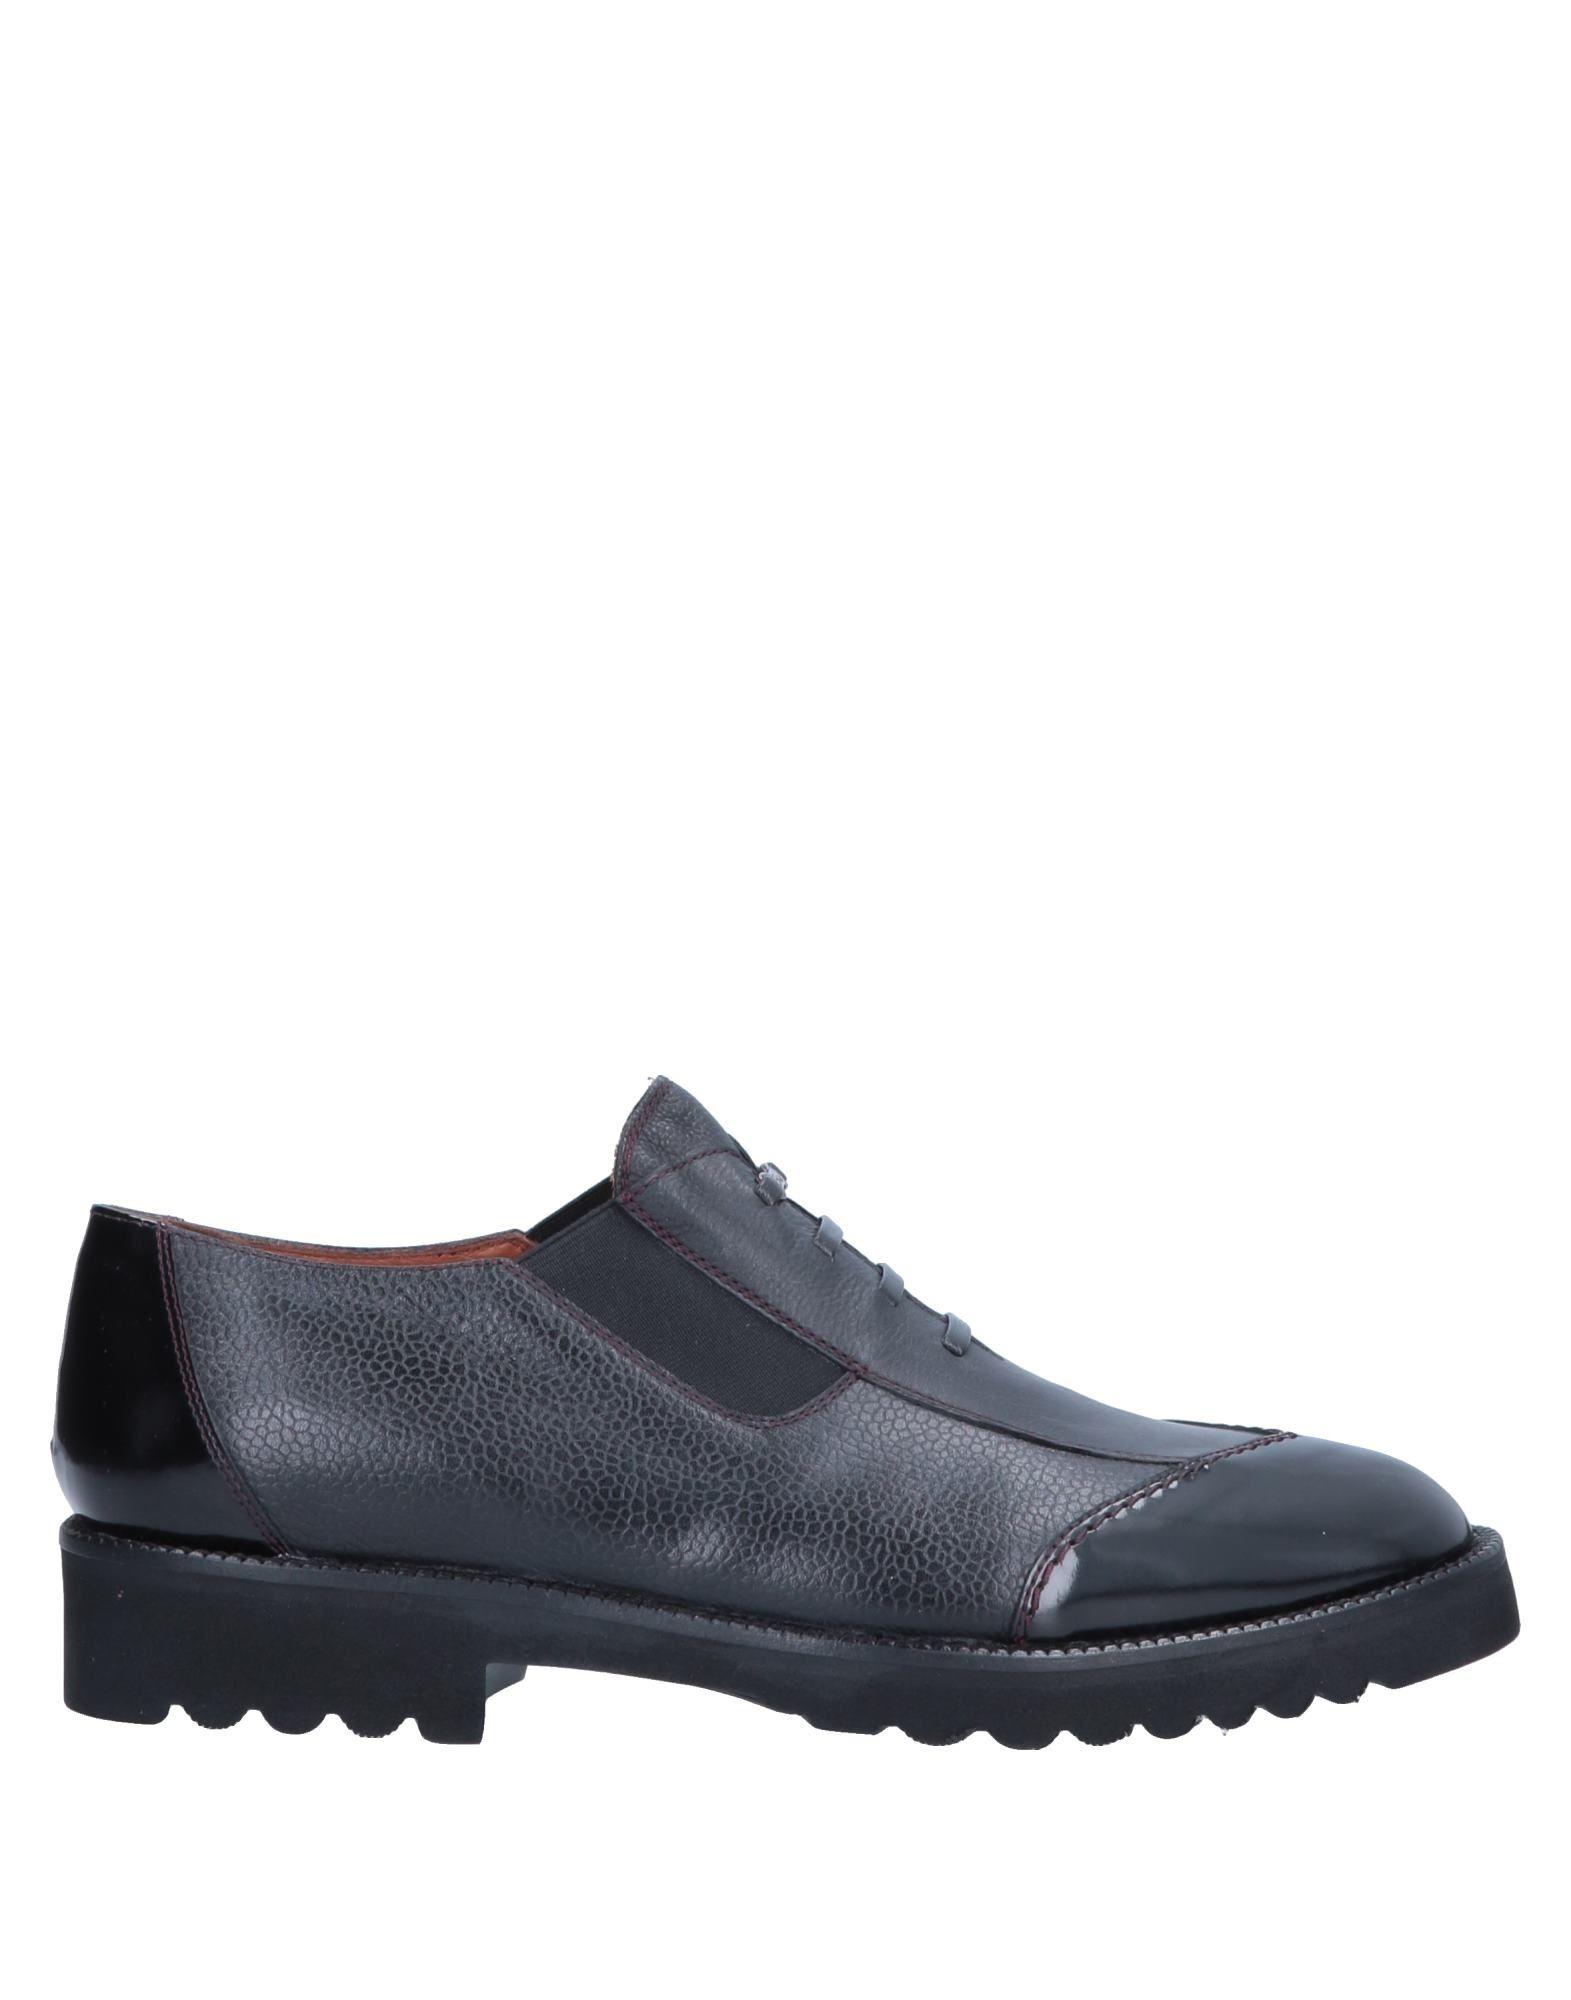 Rabatt Herren echte Schuhe Bello Mokassins Herren Rabatt  11557493TS a0dc5f